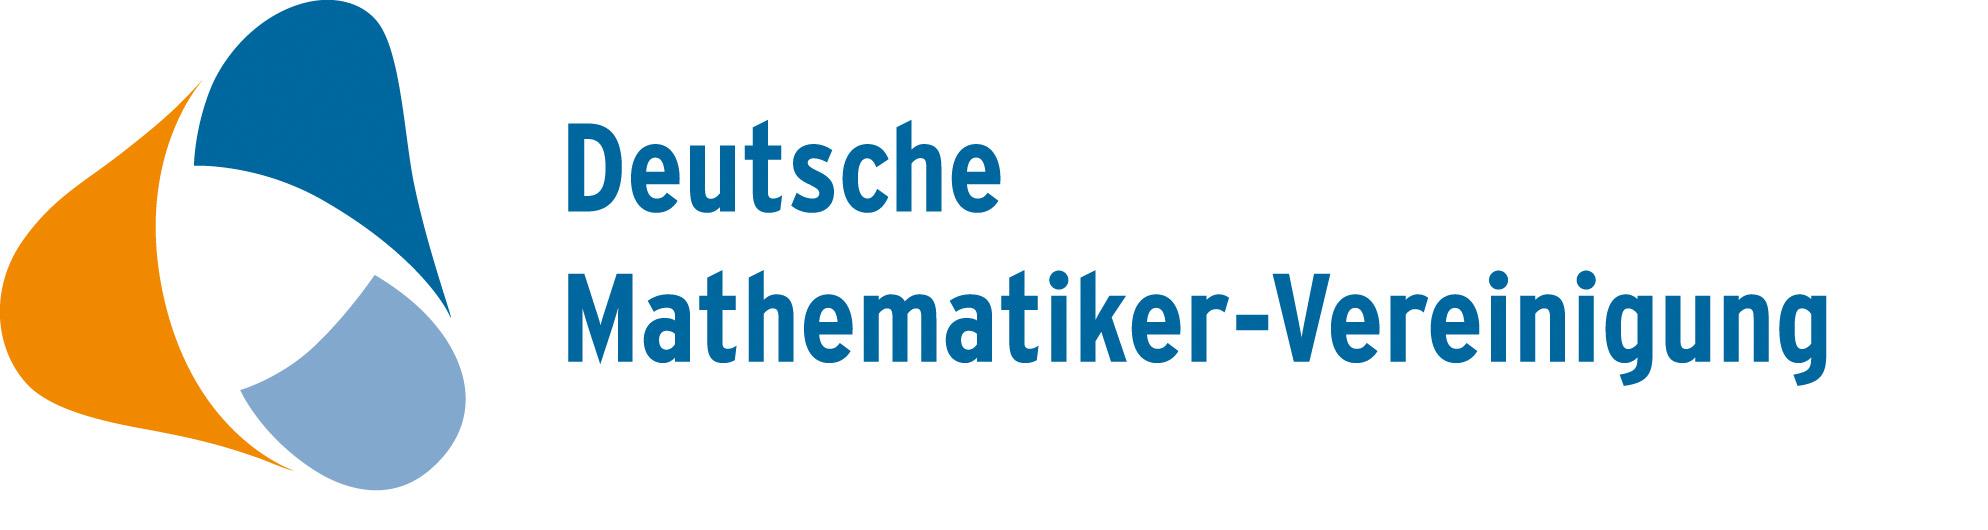 Logo der Deutschen Mathematiker-Vereinigung